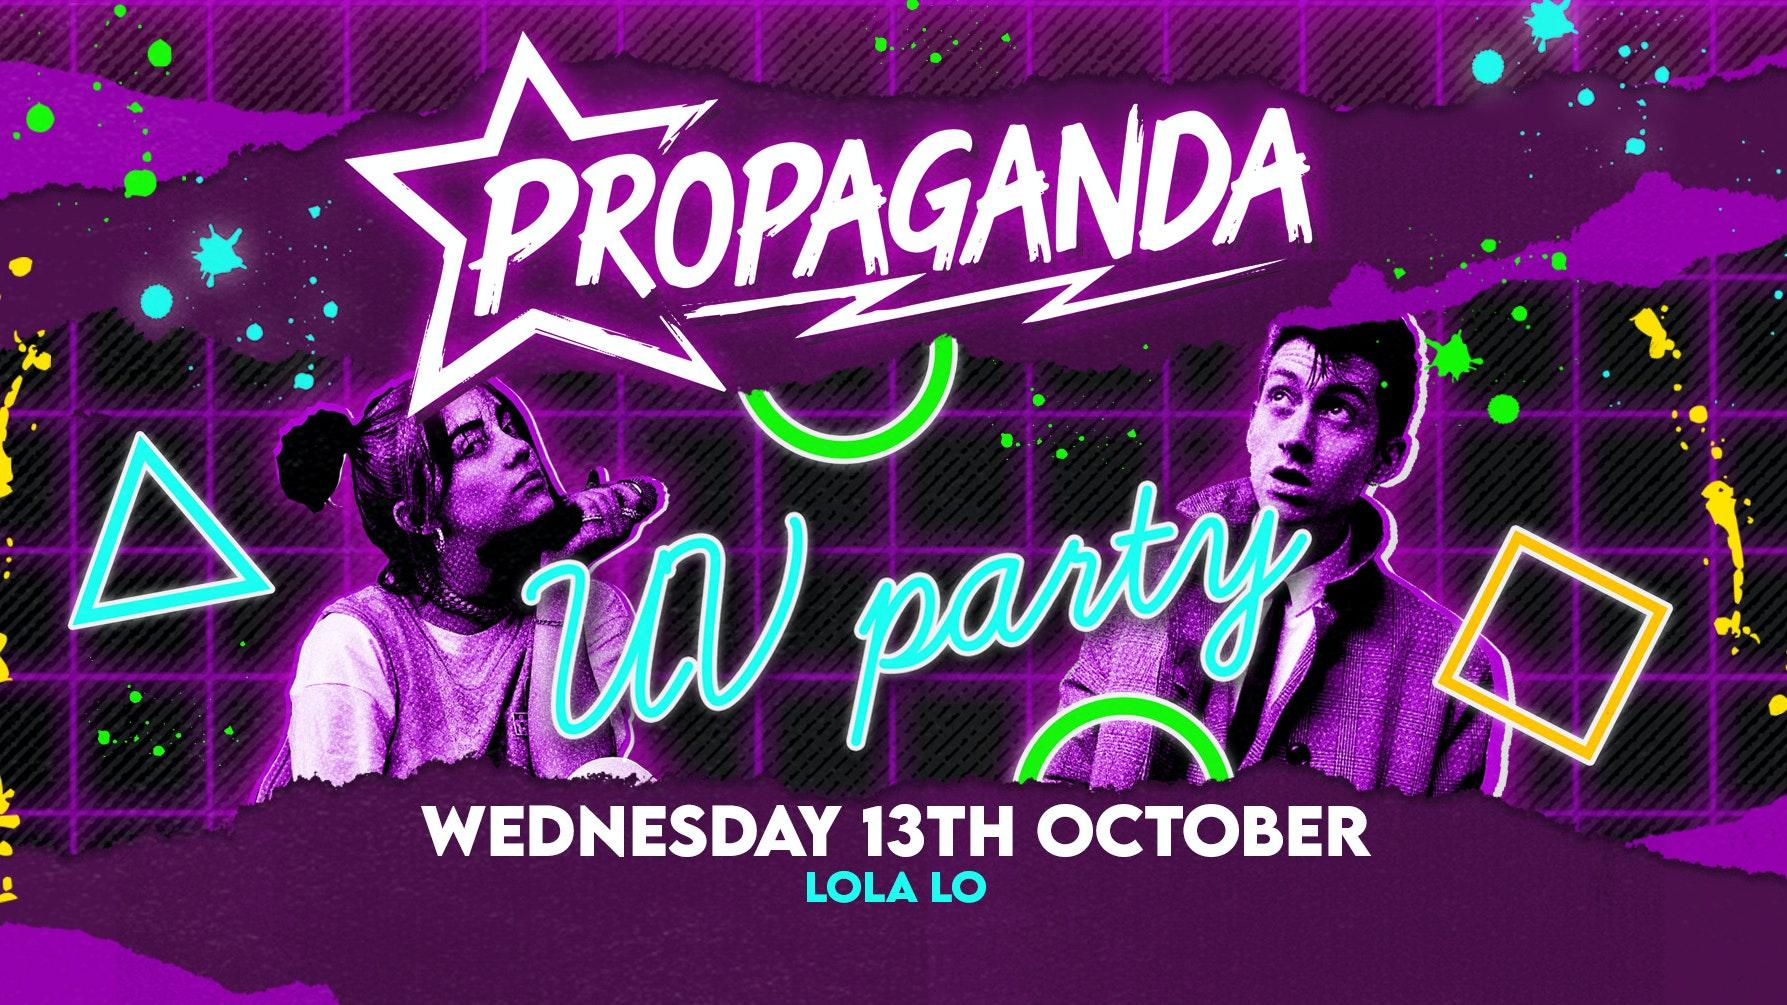 Propaganda Cambridge – UV Party at Lola Lo!